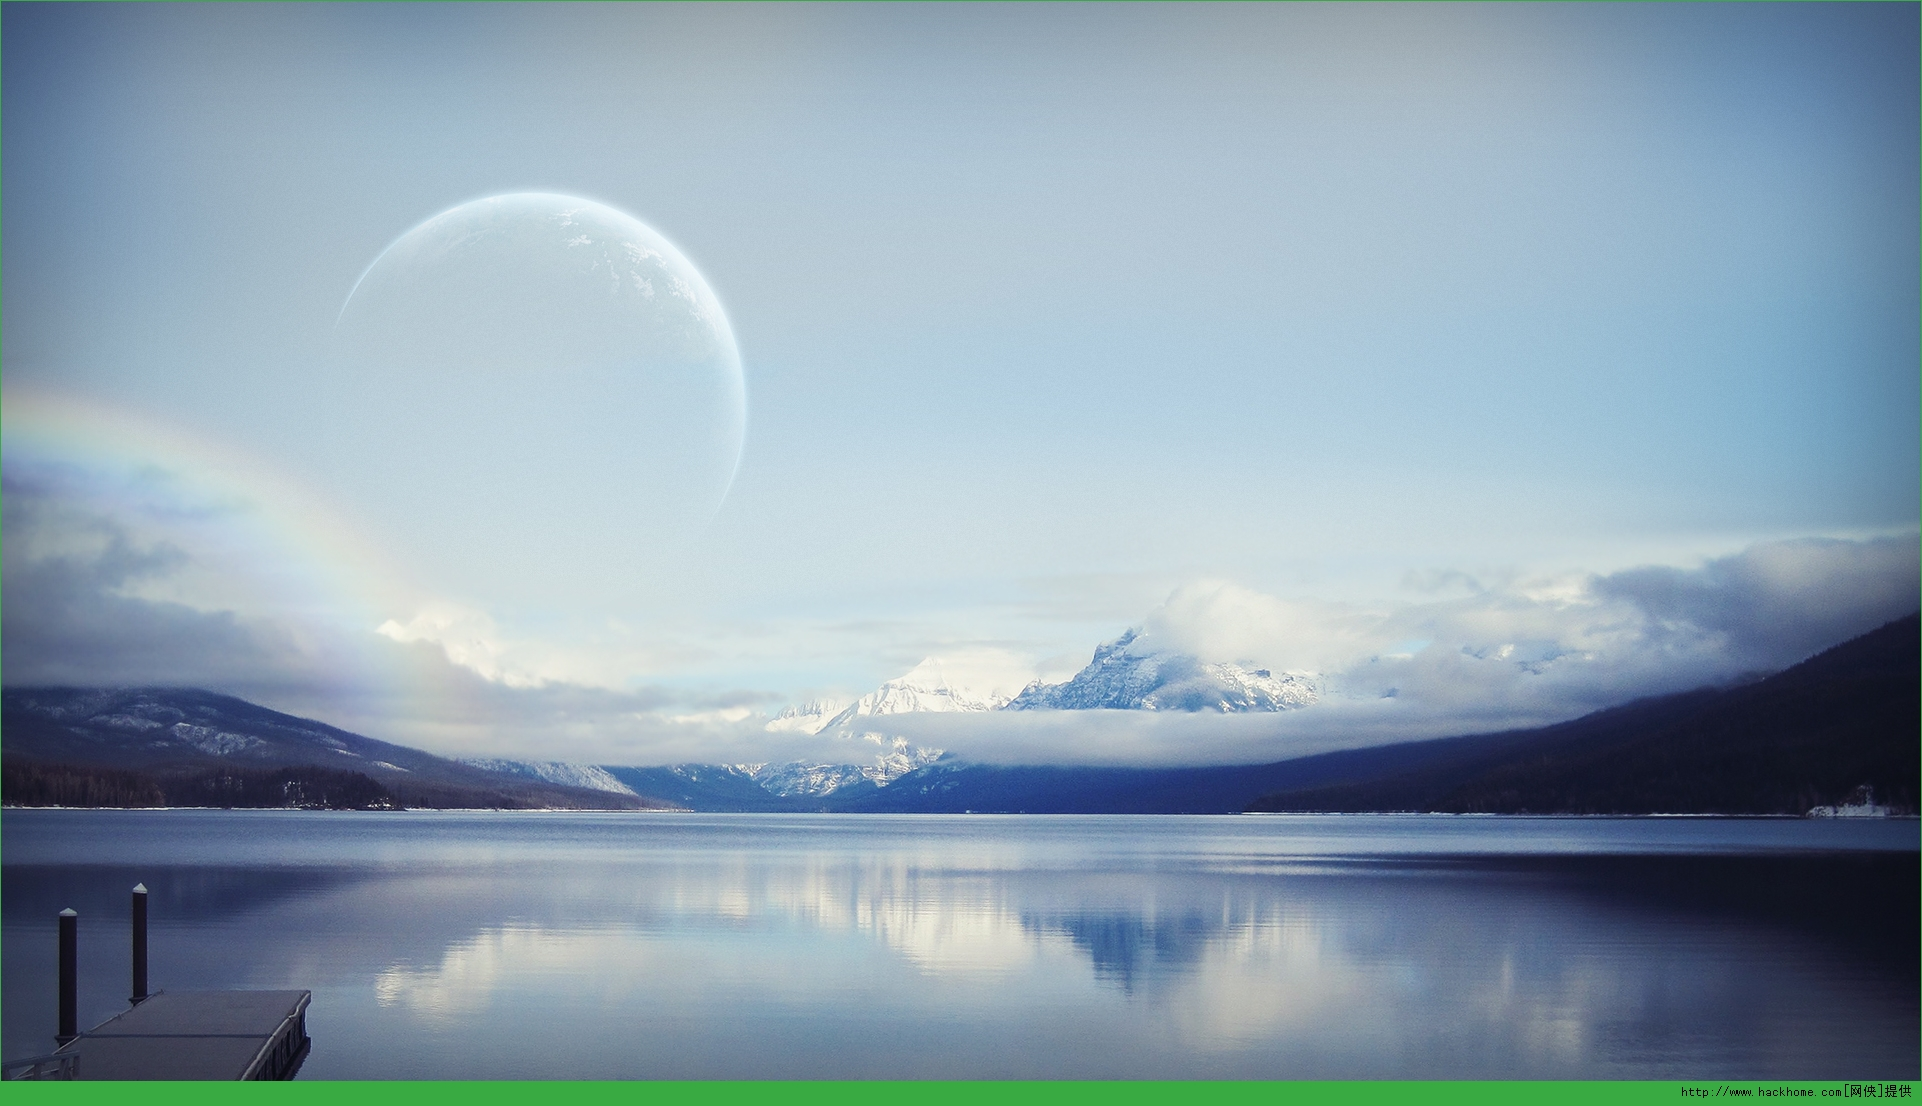 win10风景壁纸  windows10正式版精美高清风景桌面